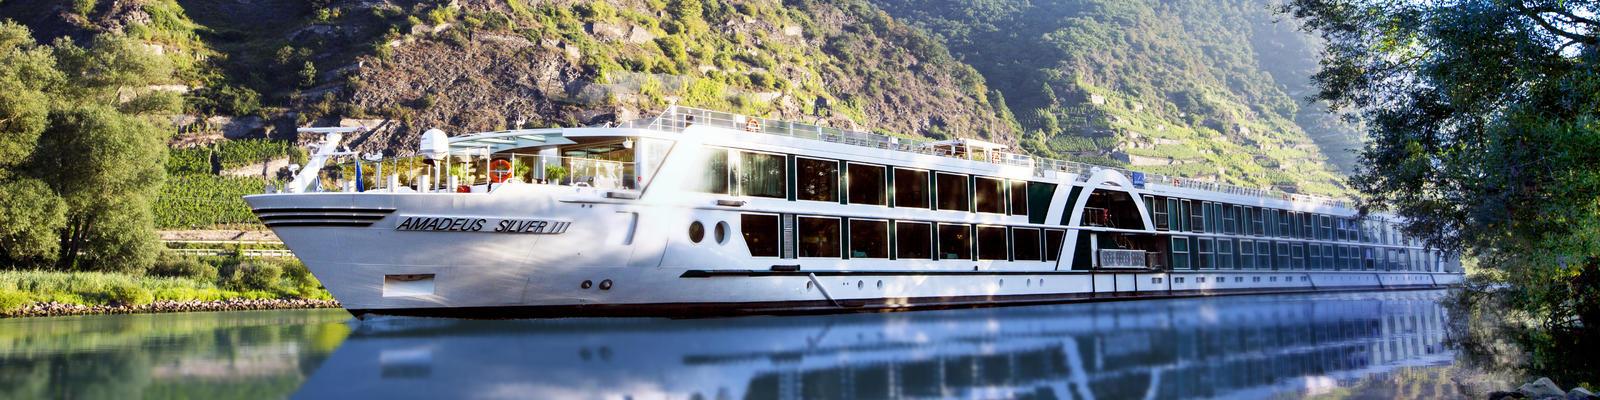 Amadeus Cruises 2019: Reviews, Photos & Activities - Cruise